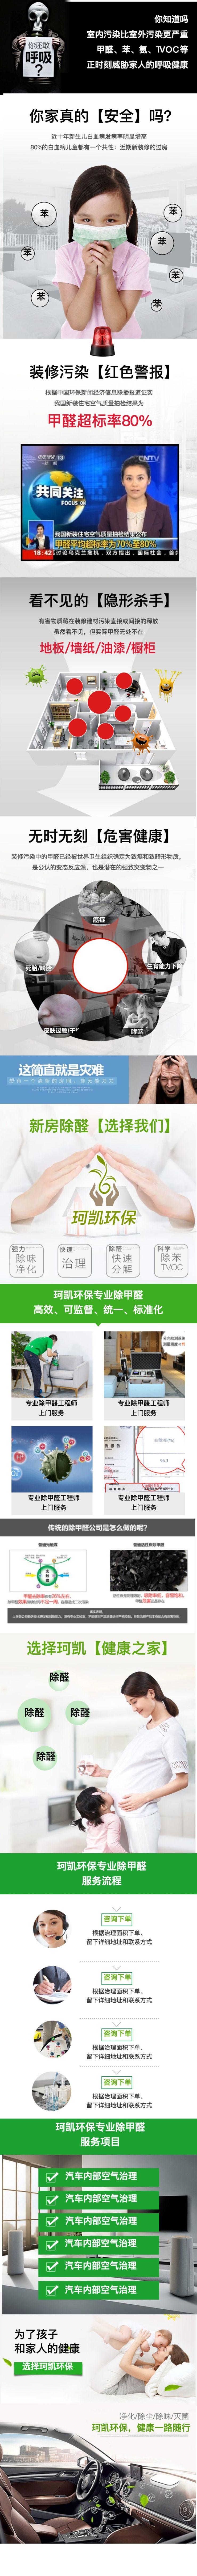 绿色清新除醛环保服务电商详情图